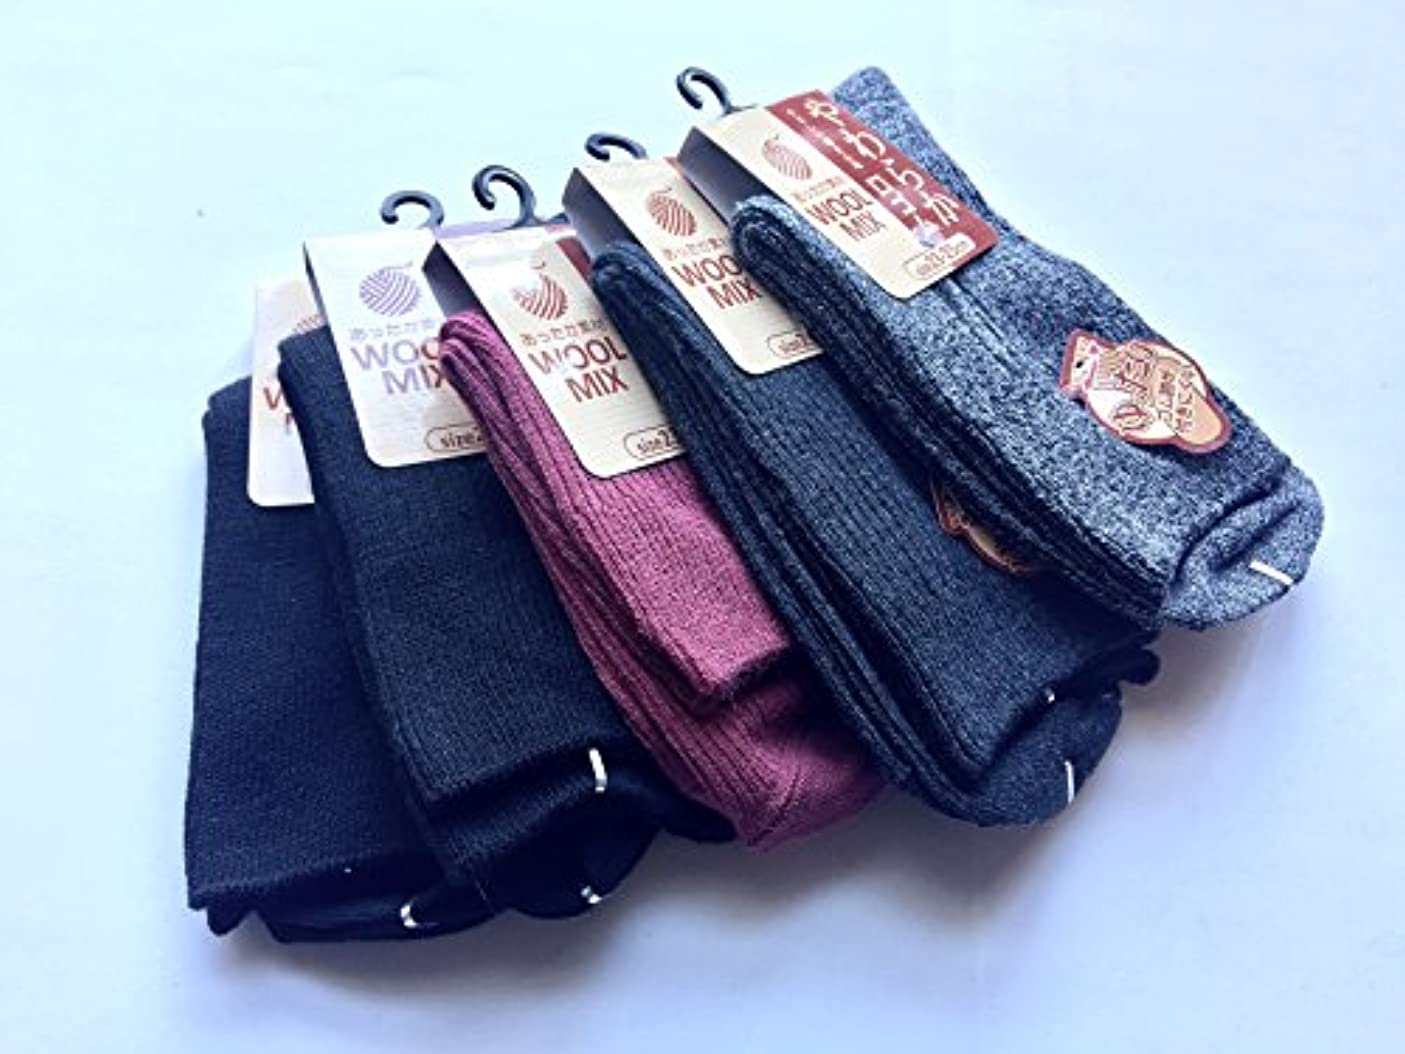 倉庫貼り直す比較的靴下 レディース あったか ふんわり毛混 ウール混 口ゴムゆったり 23-25cm お買得5足組(色はお任せ)